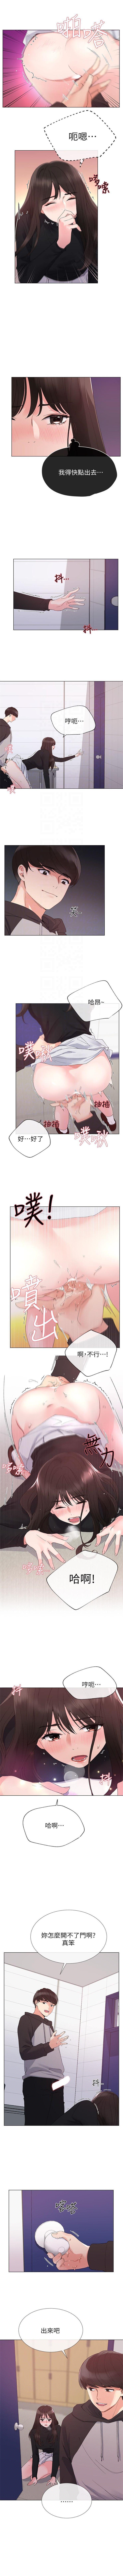 重考生 1-44 中文翻译(更新中) 165